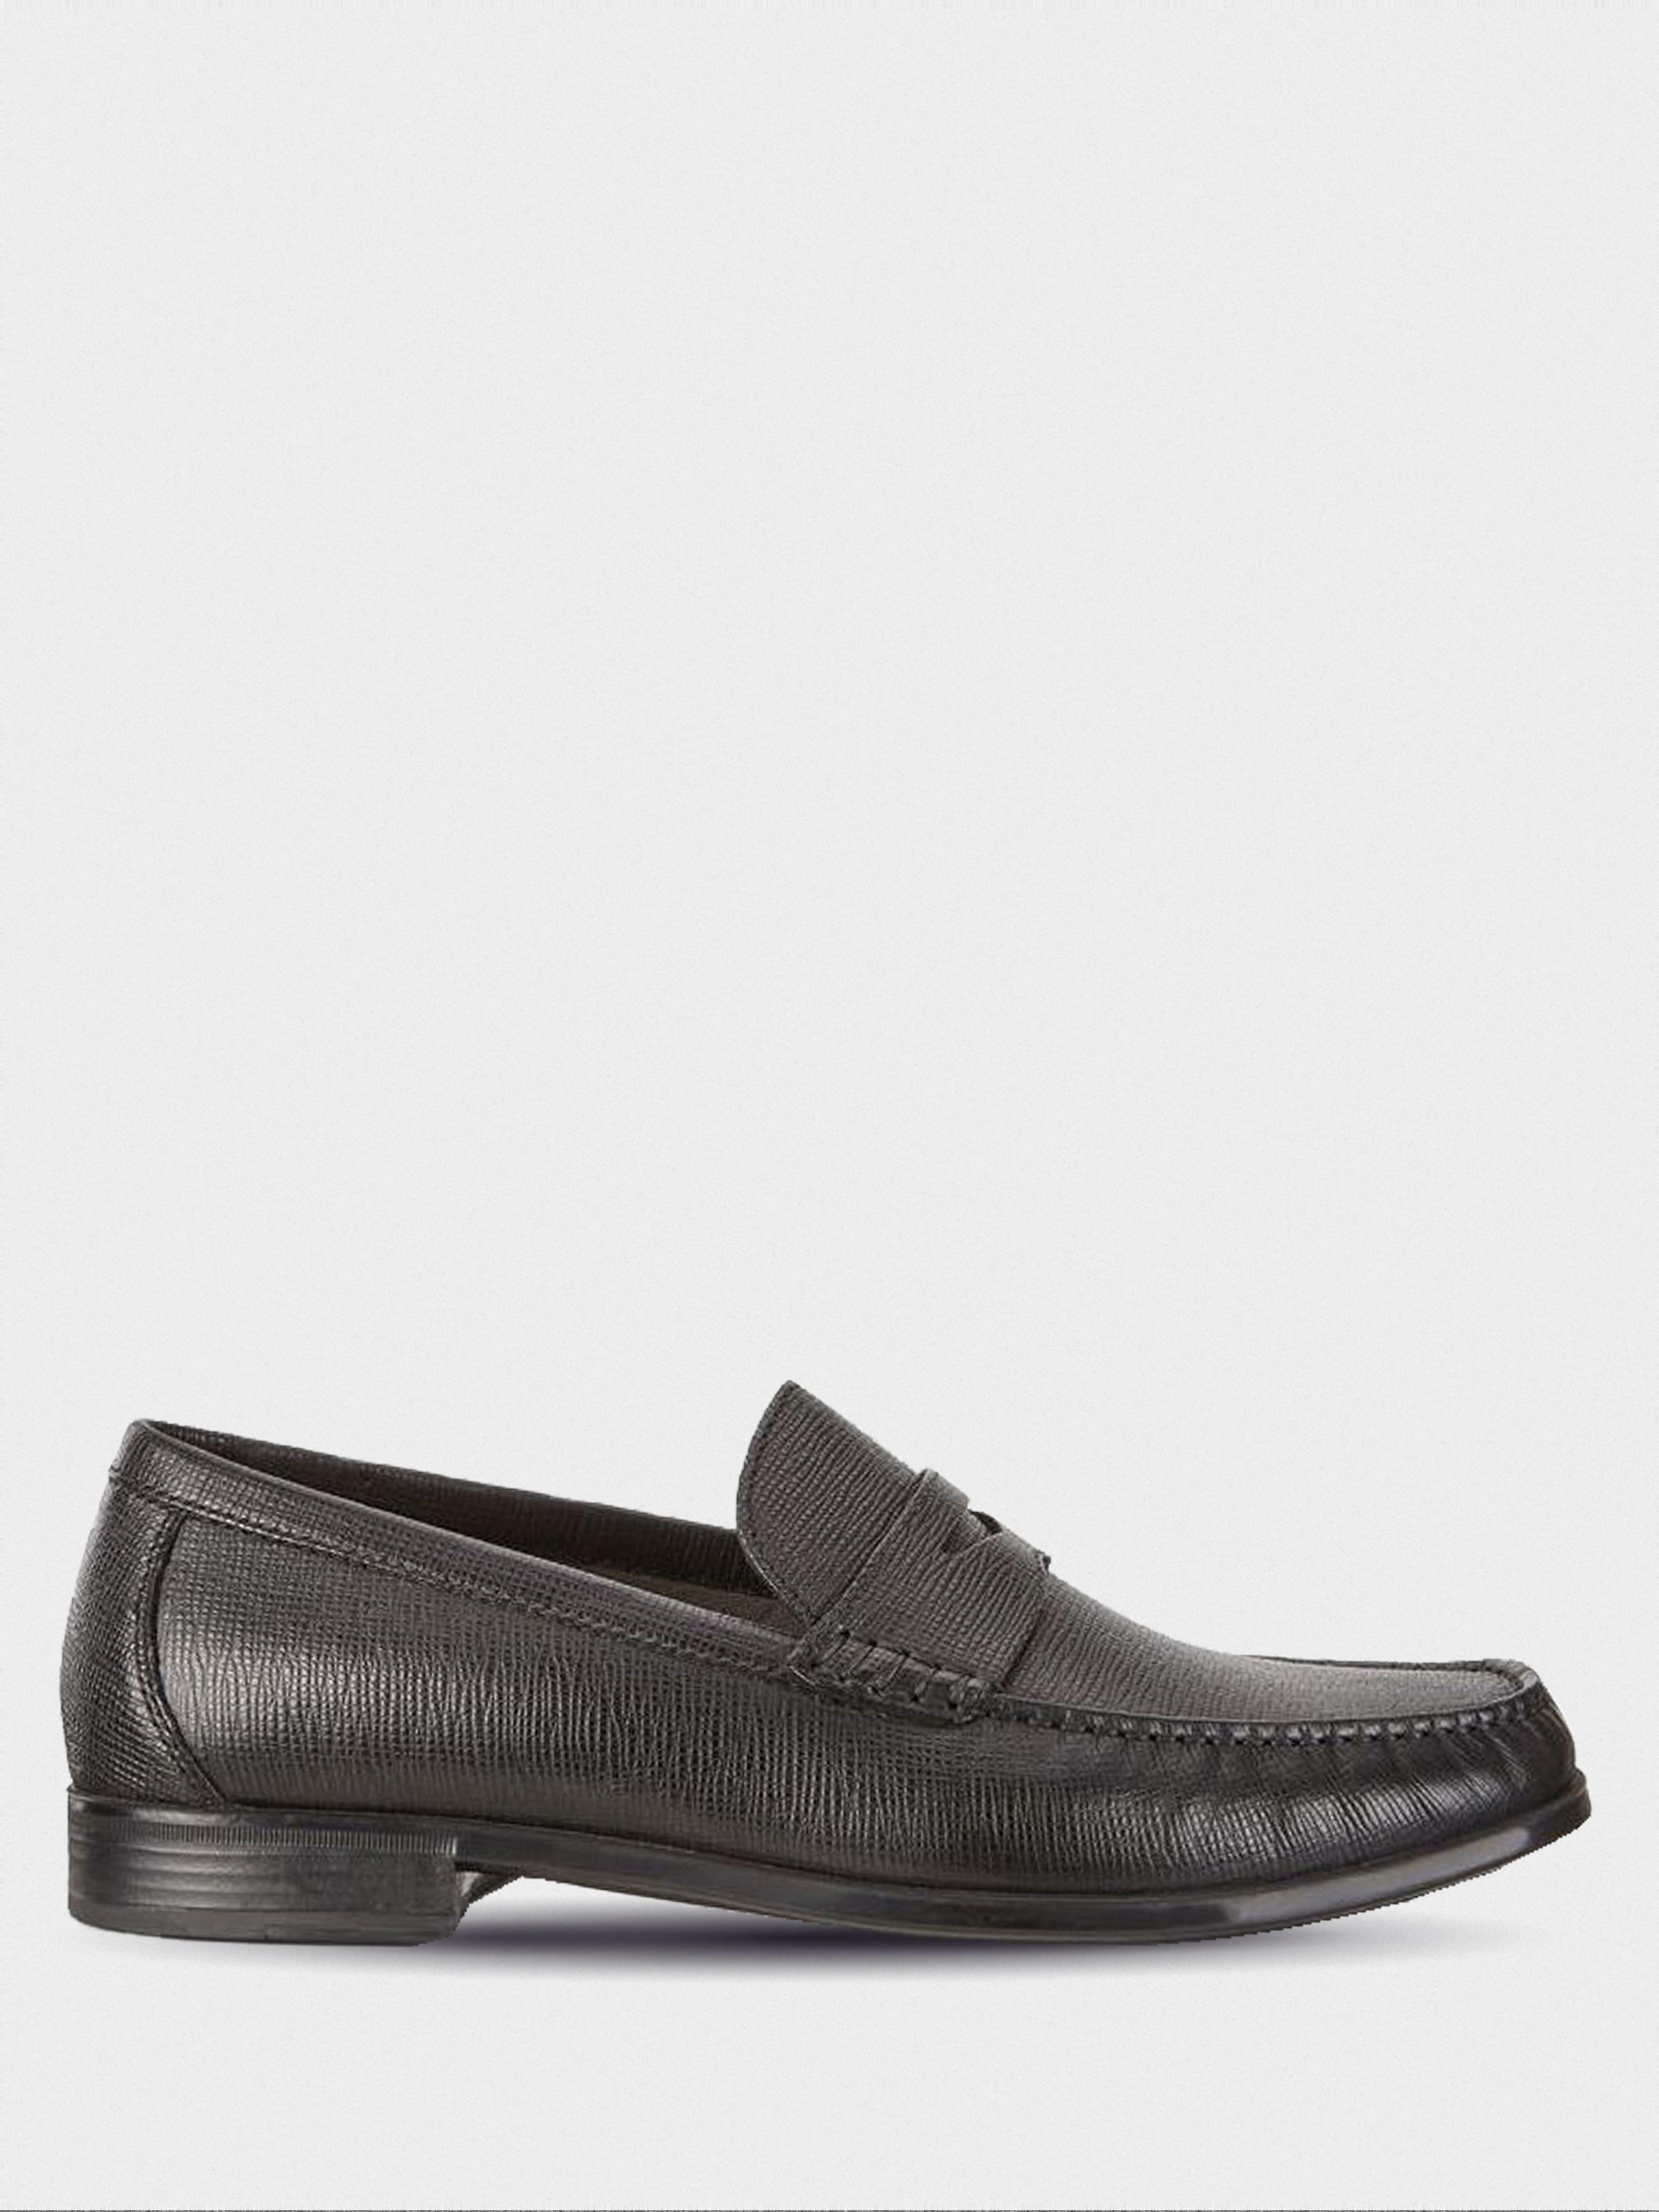 Мокасины для мужчин ECCO DRESS MOC ZM3856 брендовая обувь, 2017